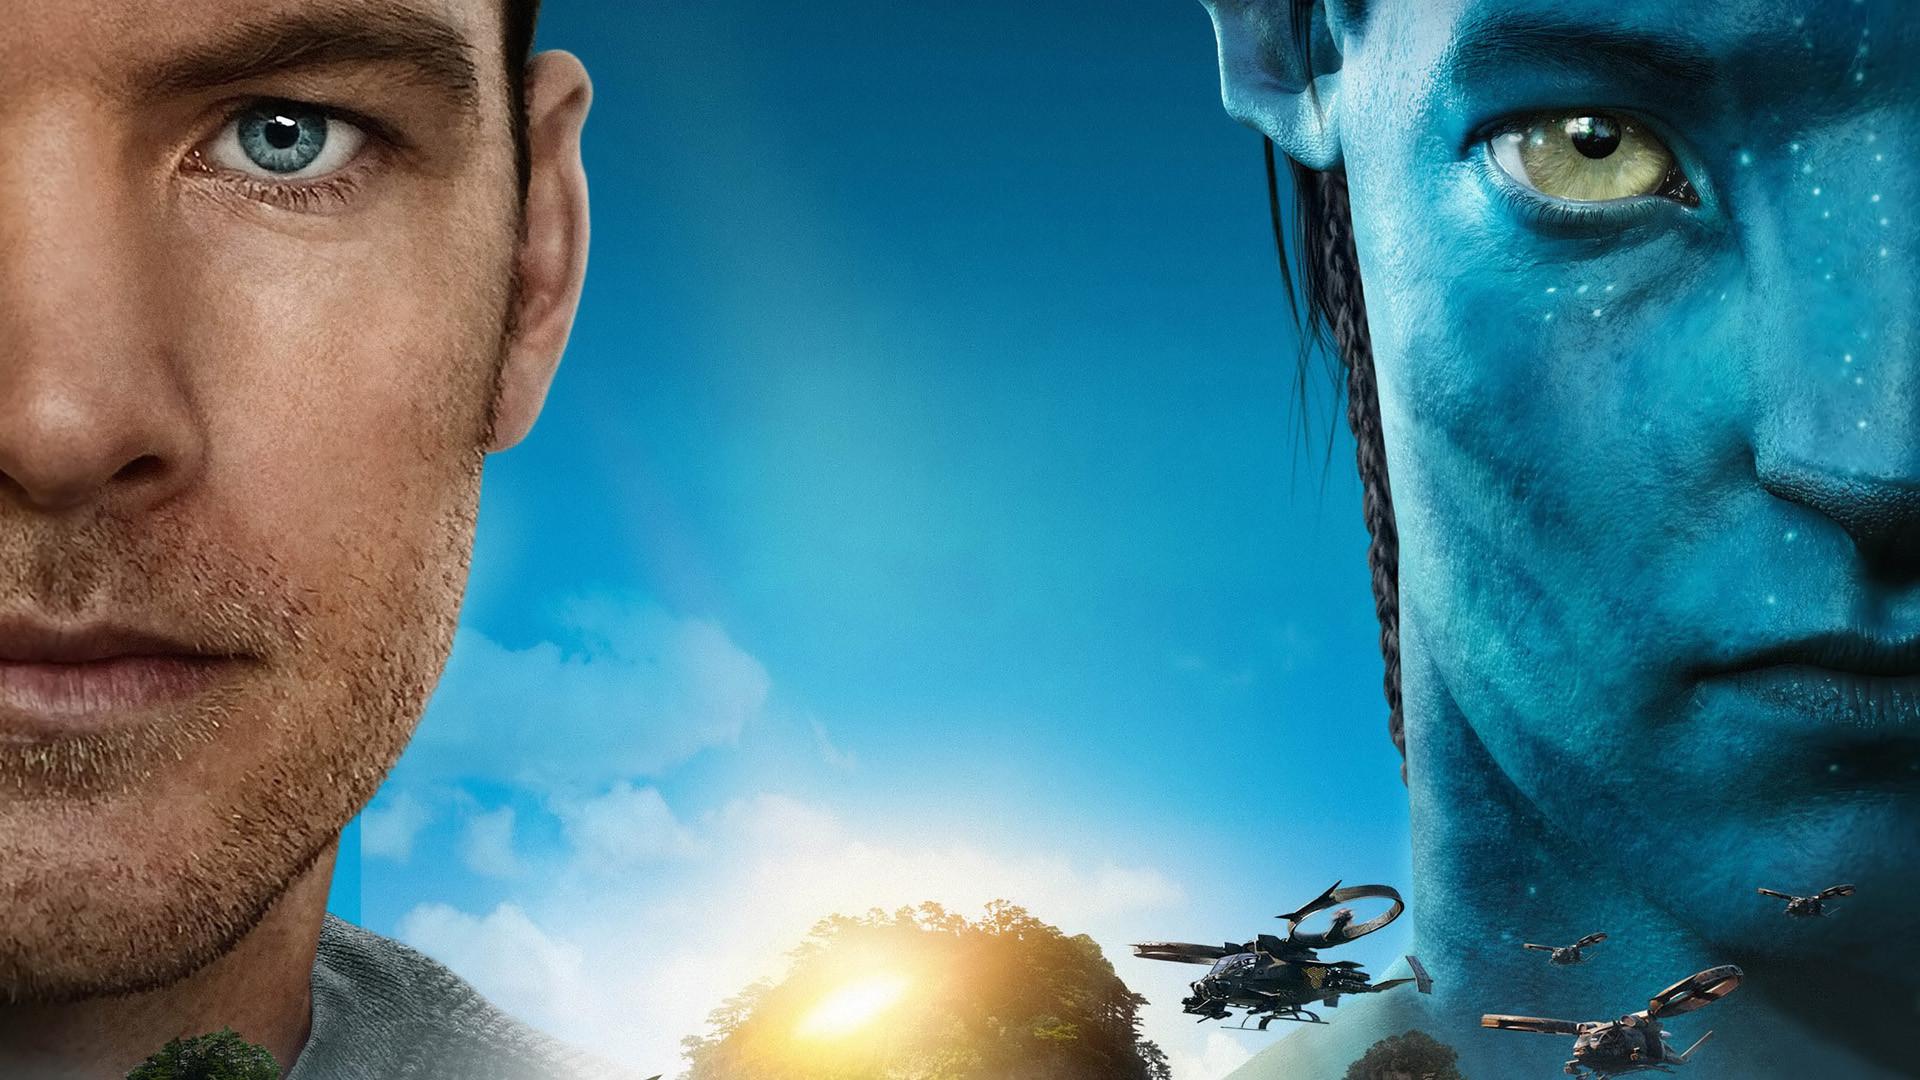 avatar movie hd 1080p download